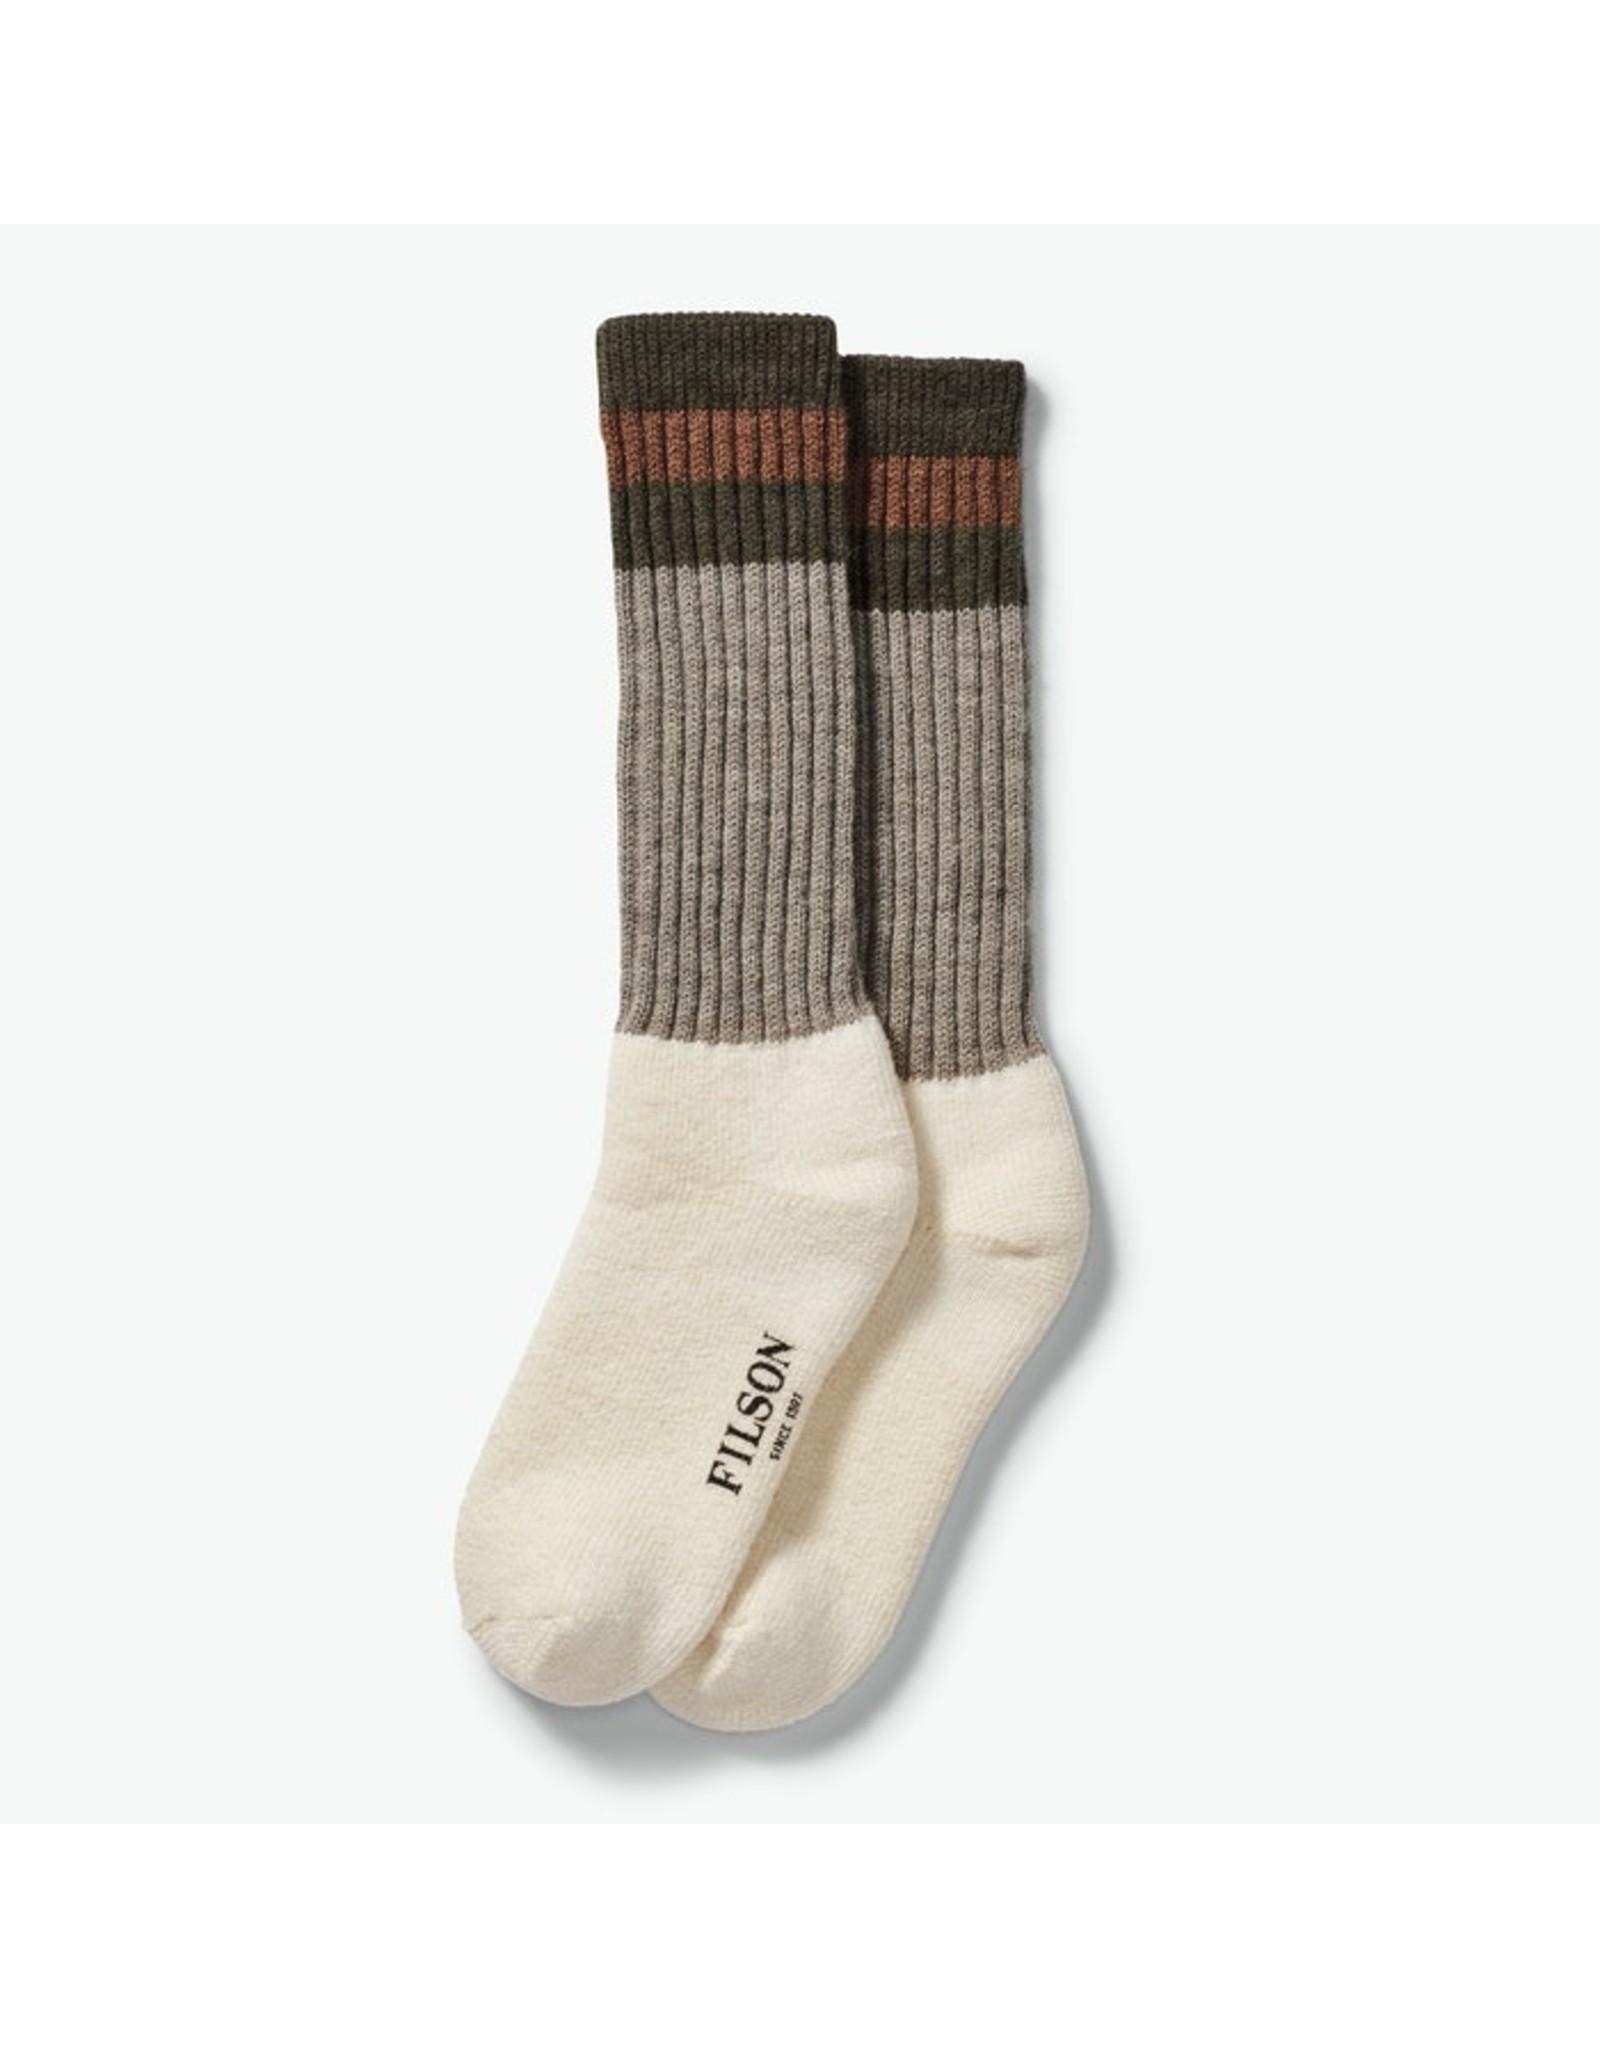 Filson Filson 20075578 1970's Logger Thermal Sock